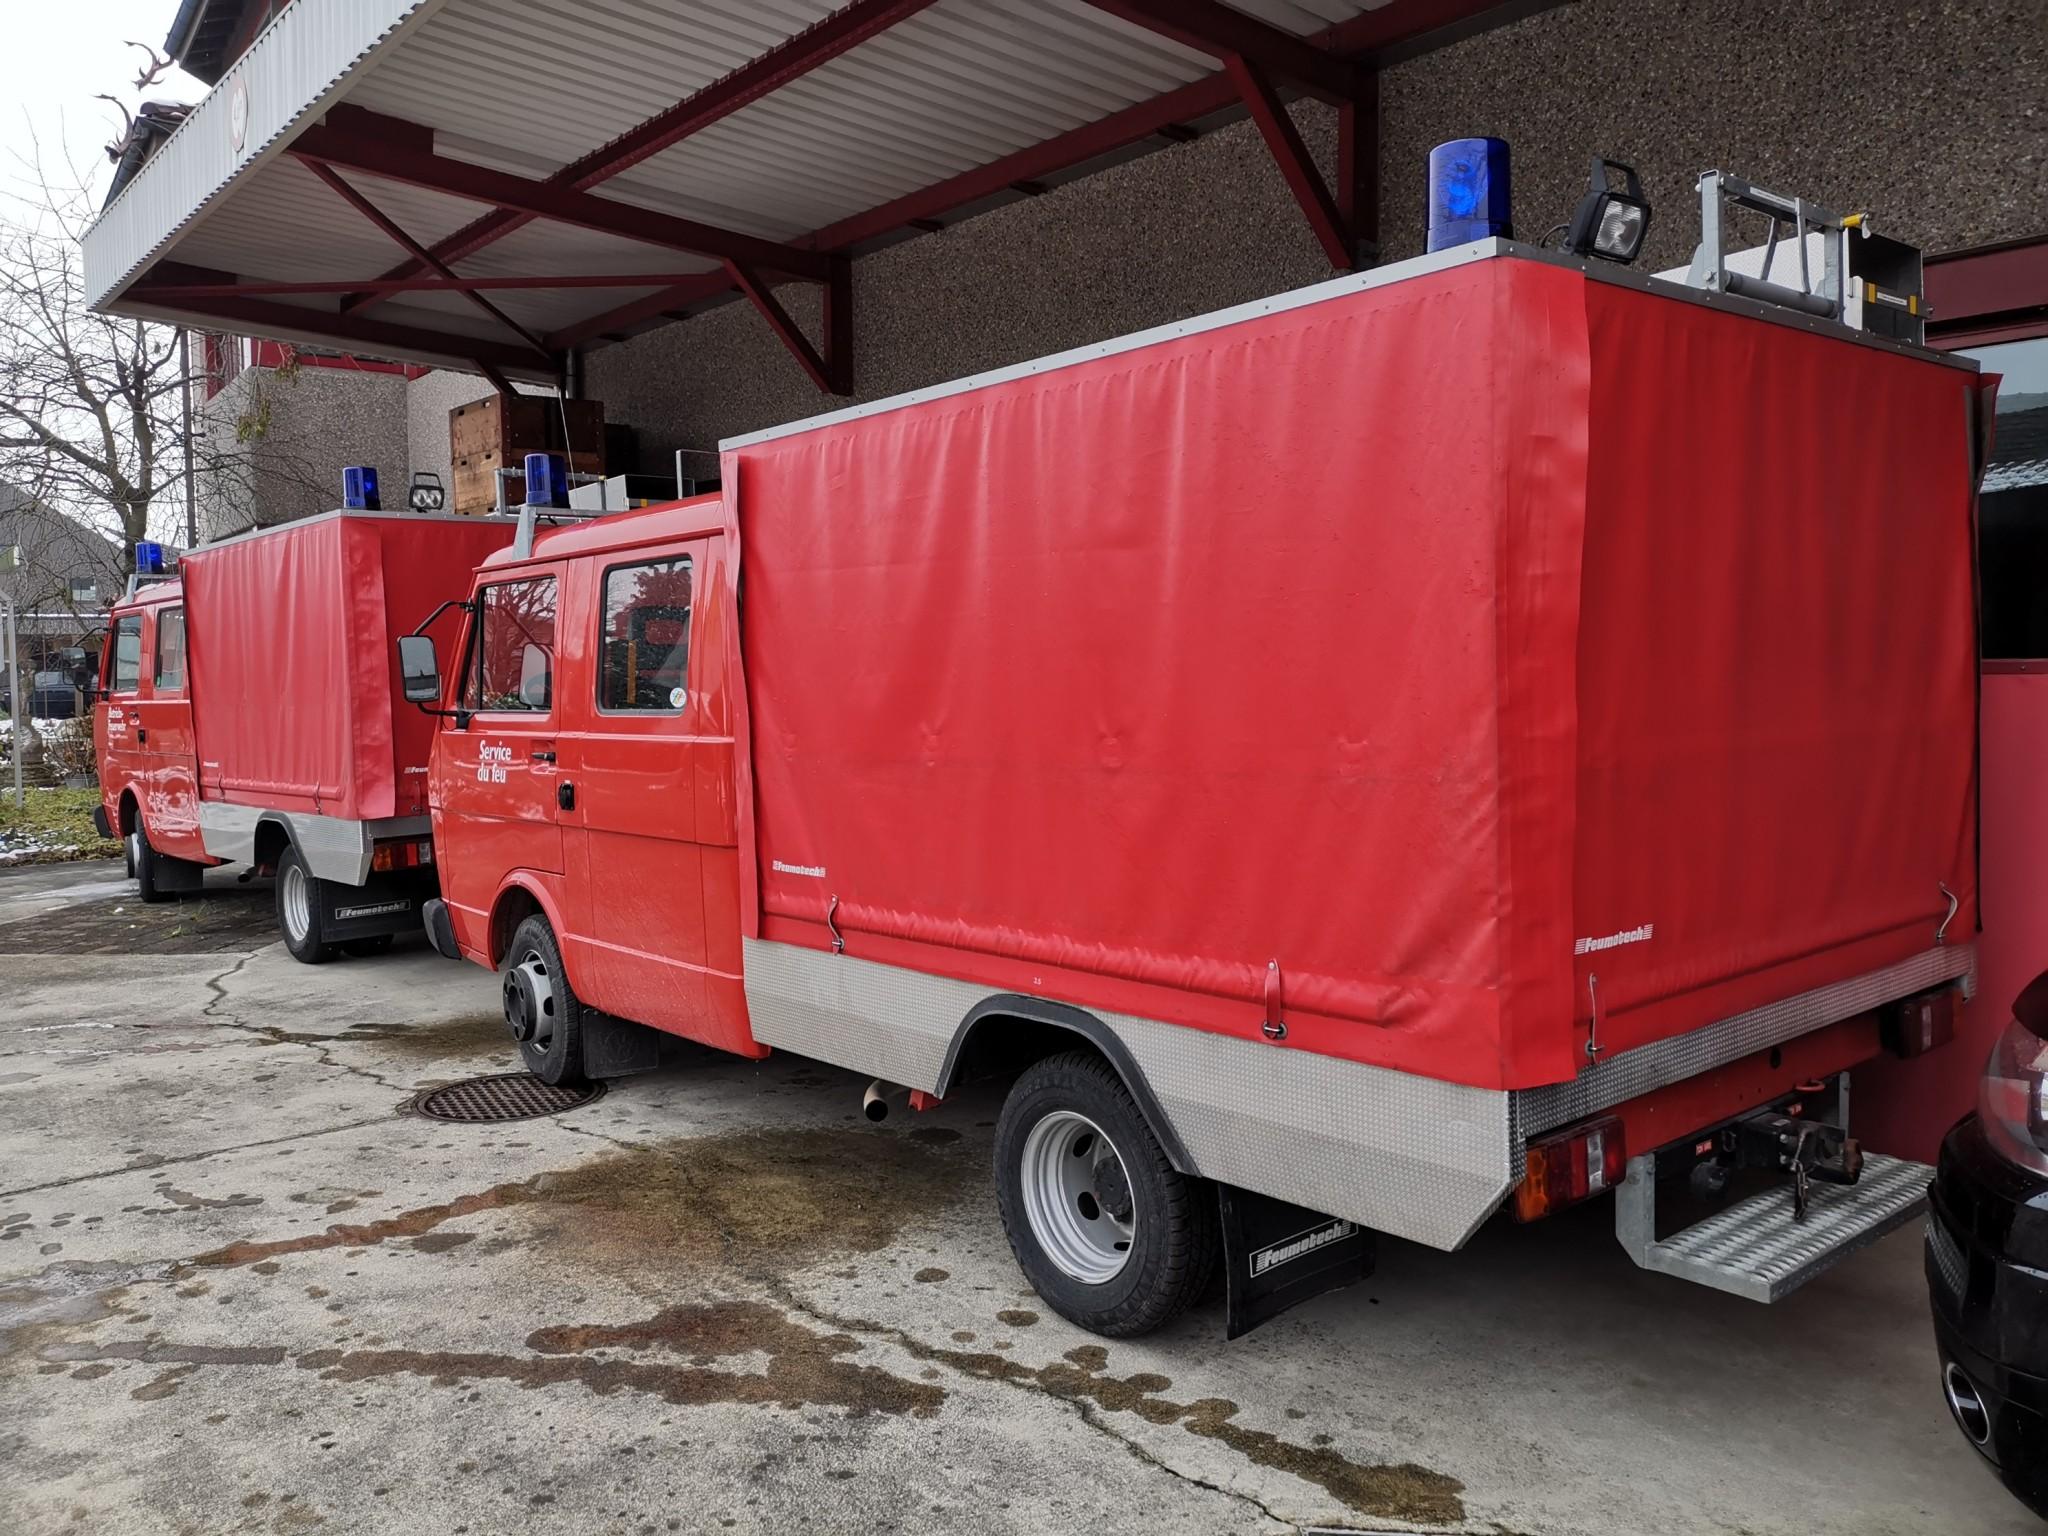 pickup VW LT 35 Feuerwehrfahrzeug Doppelkab. 9700 km